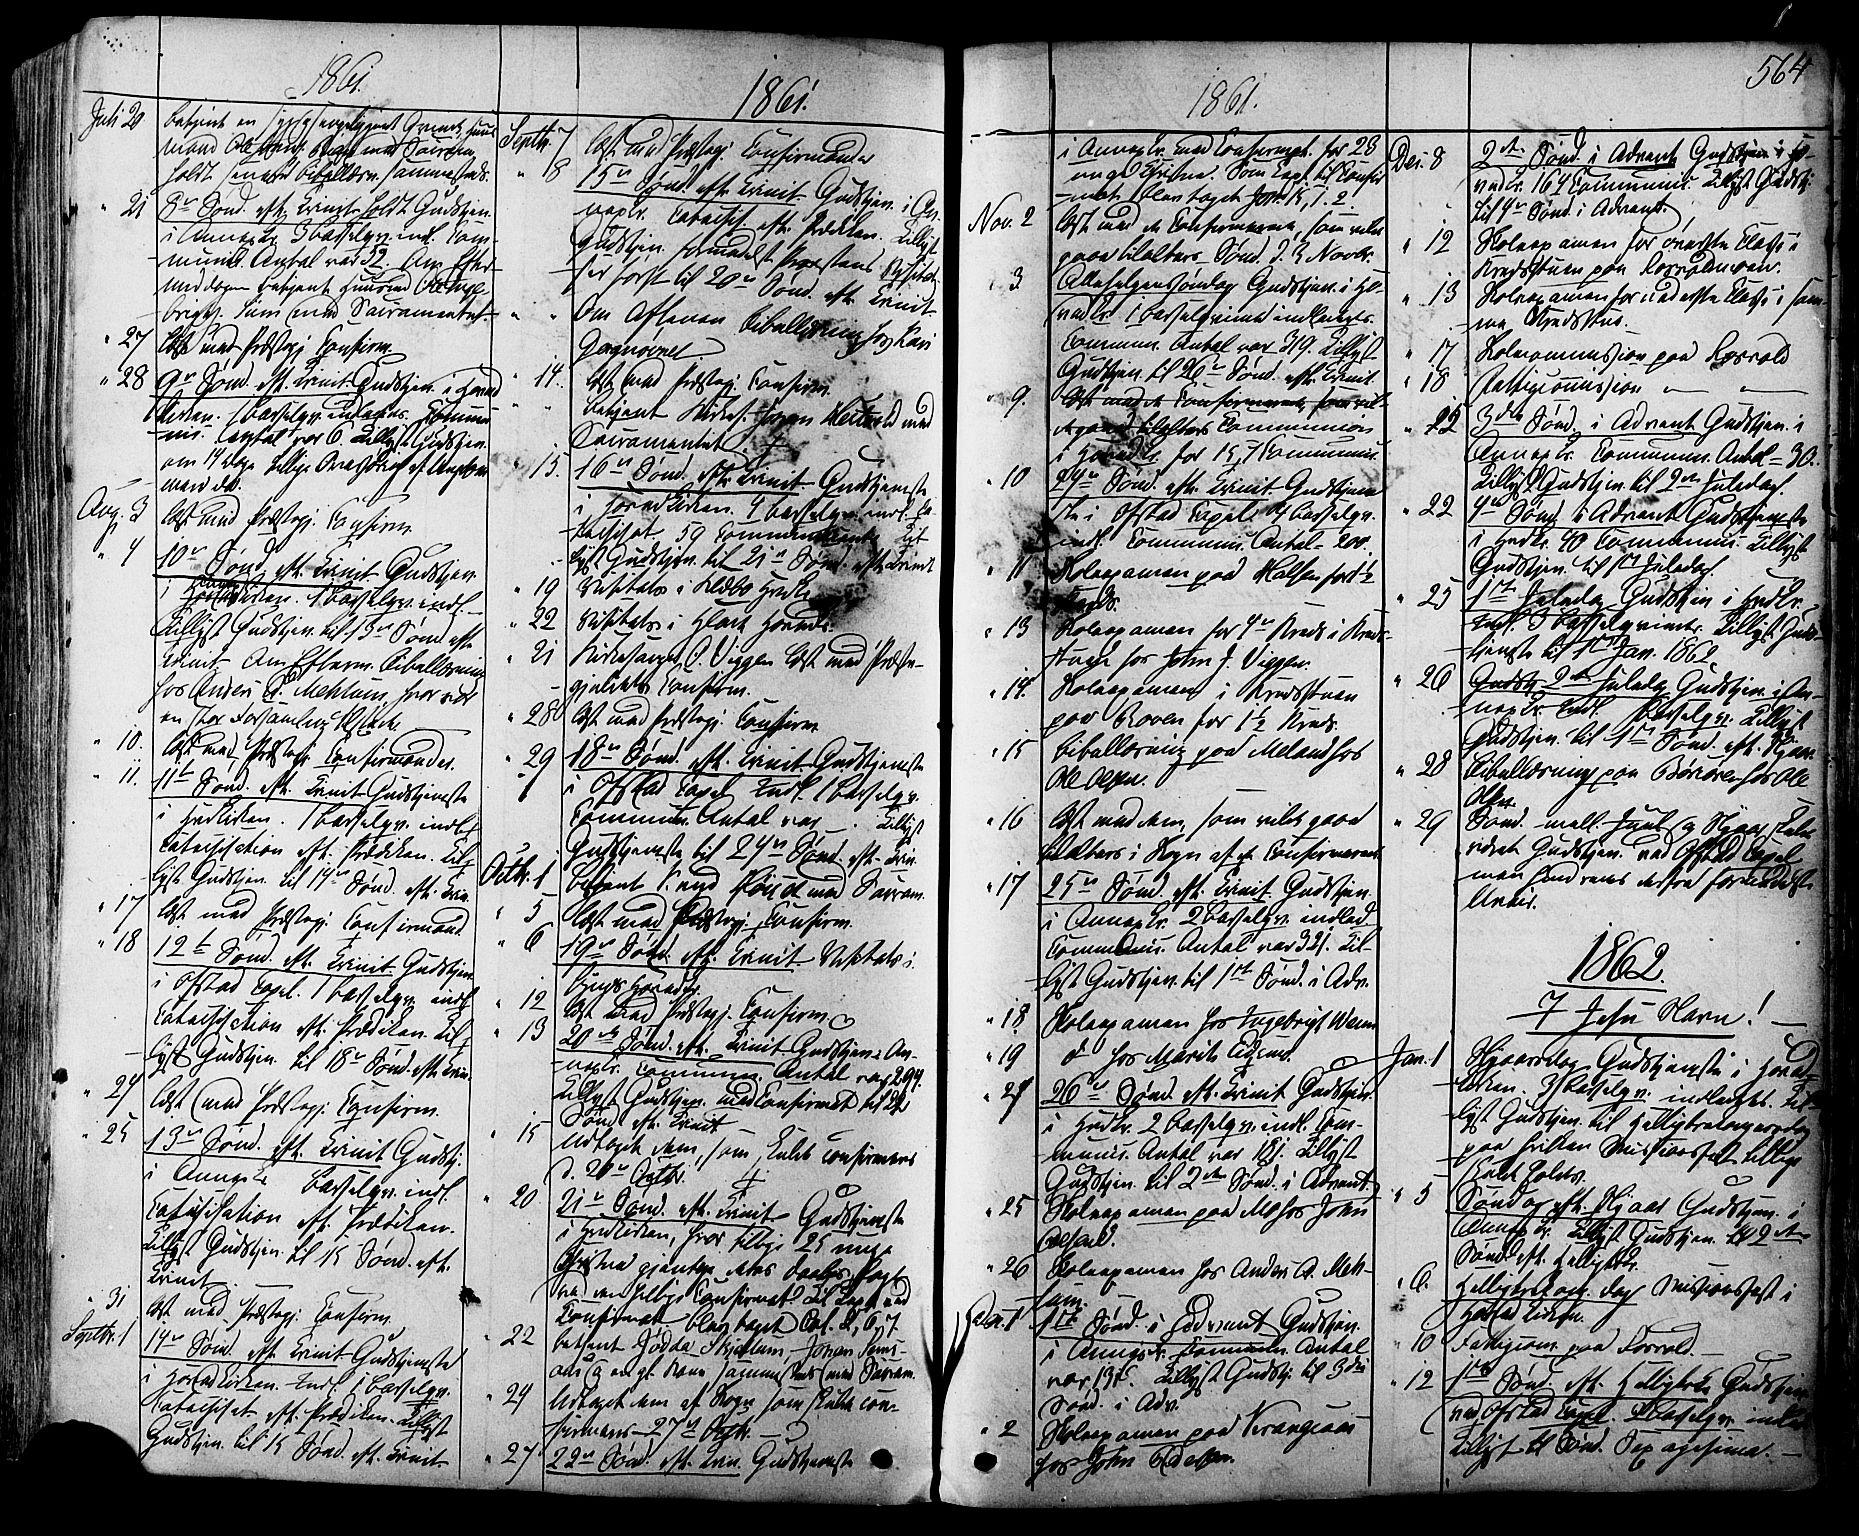 SAT, Ministerialprotokoller, klokkerbøker og fødselsregistre - Sør-Trøndelag, 665/L0772: Ministerialbok nr. 665A07, 1856-1878, s. 564